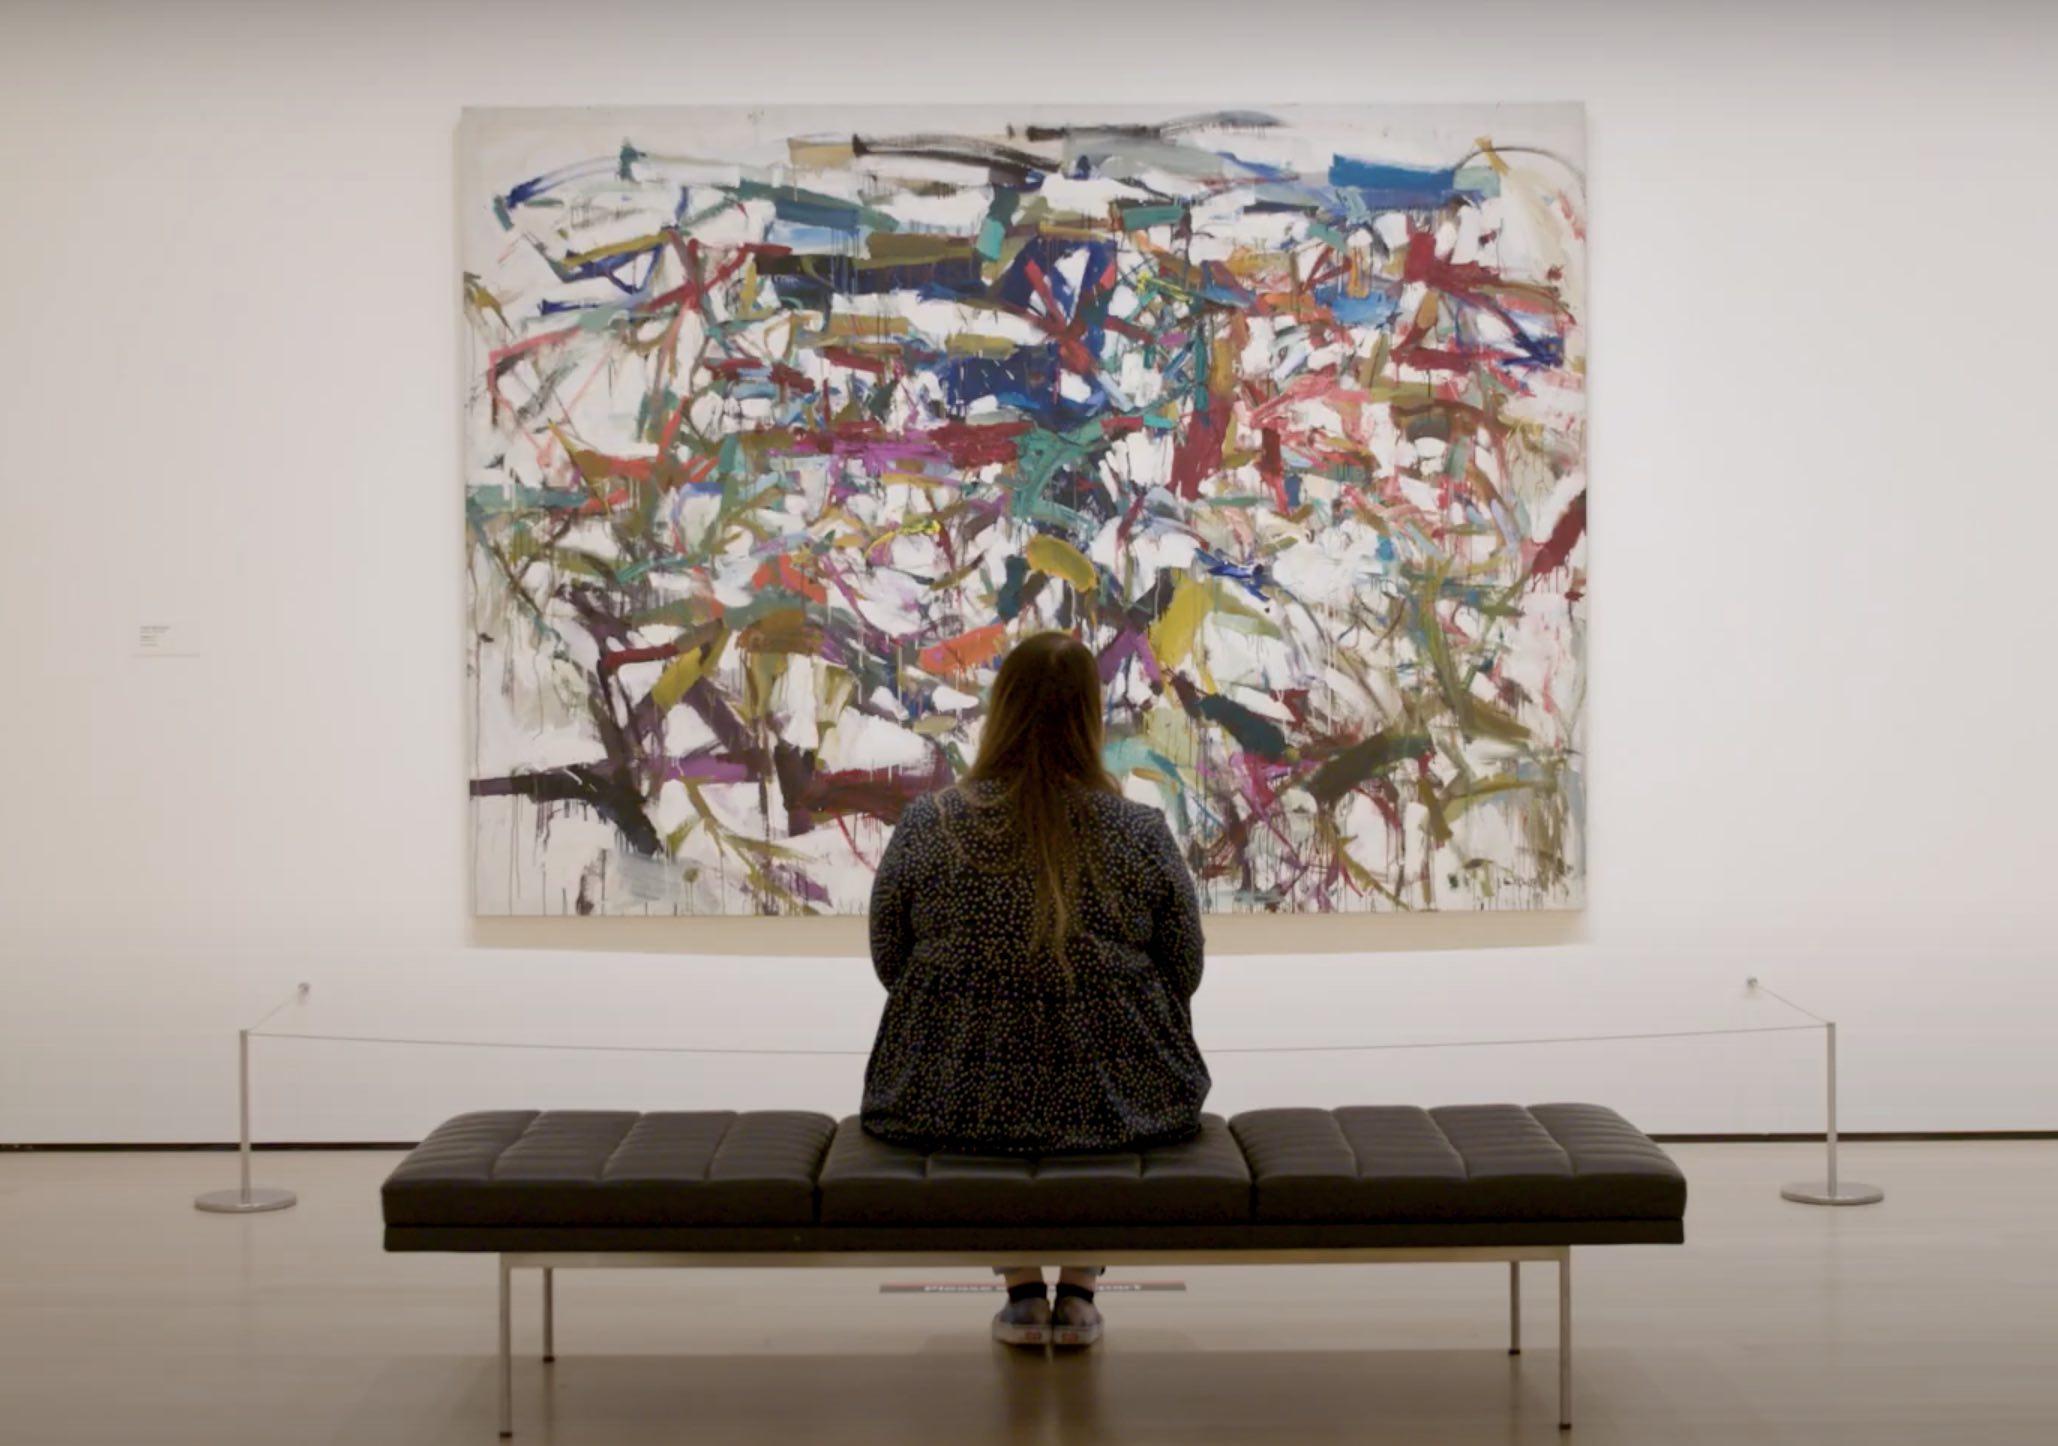 """Arte per combattere l'ansia: """"Ladybug"""" di Joan Mitchell"""